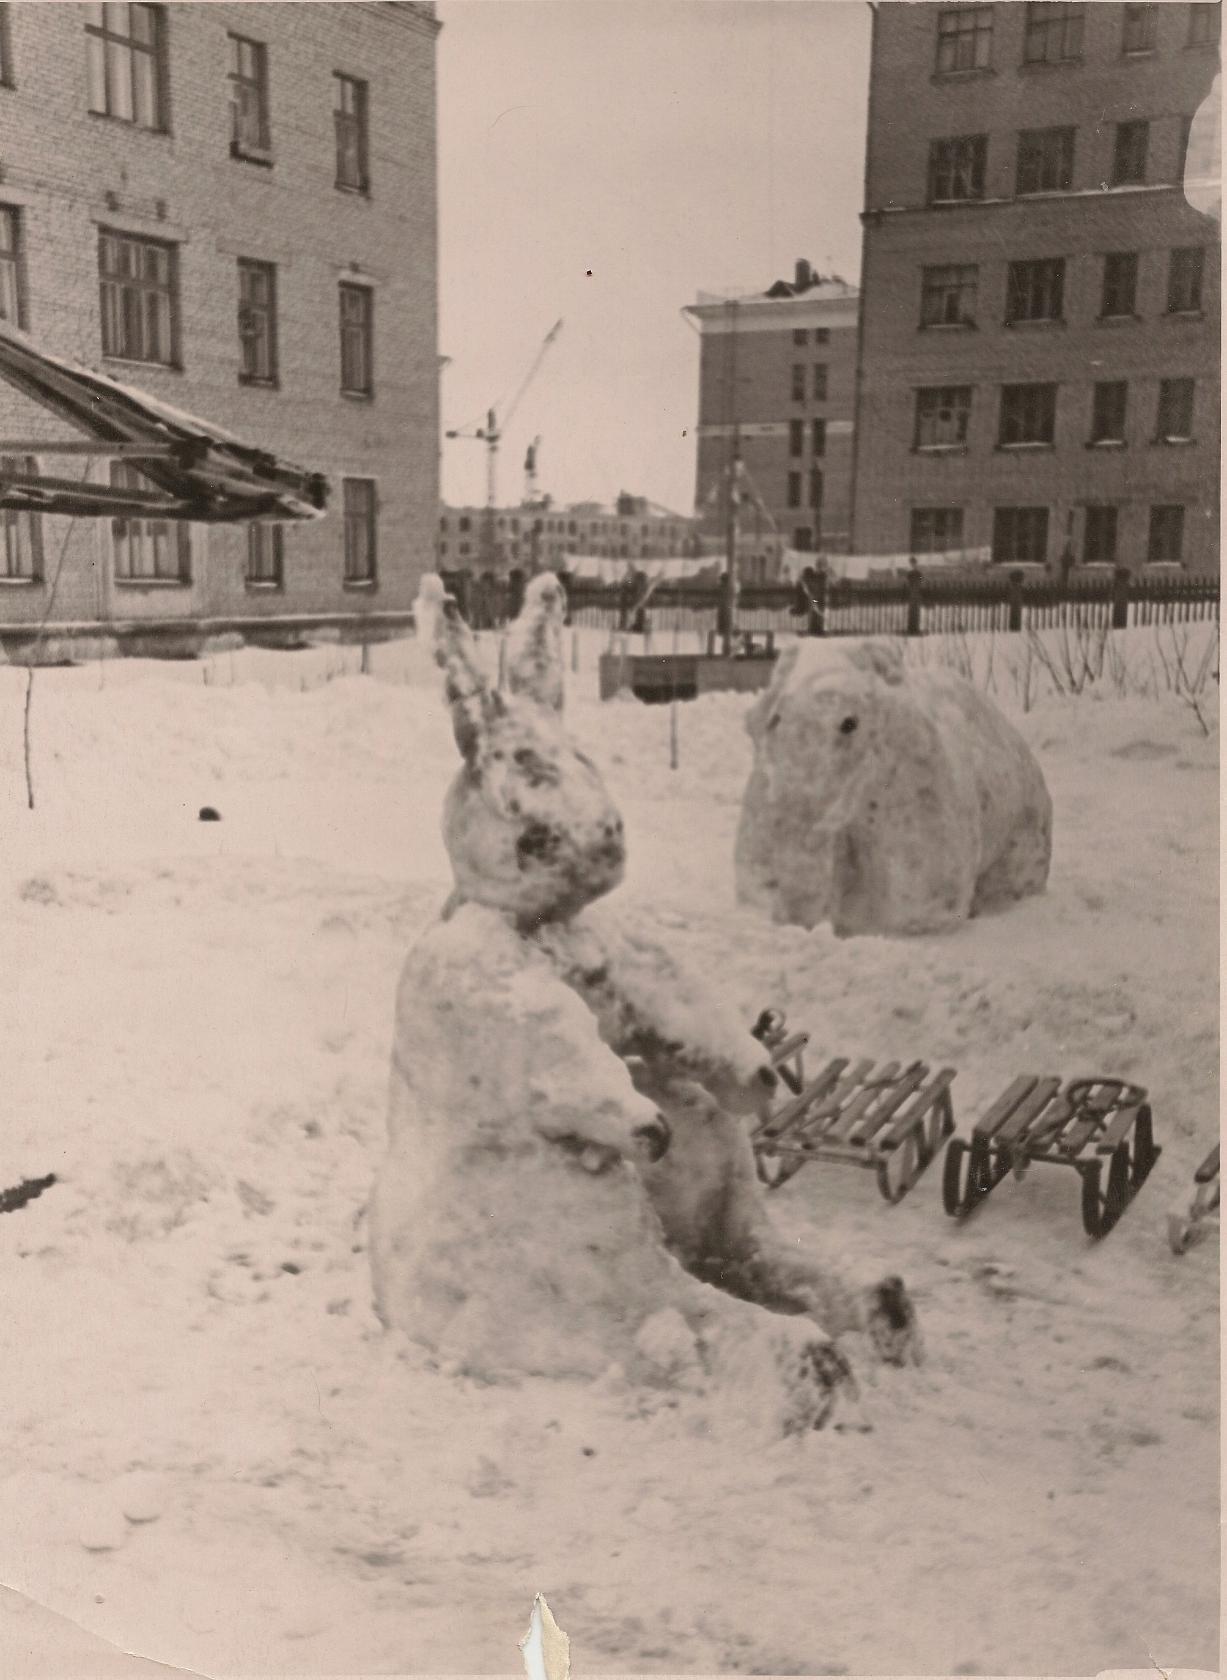 Детский сад на ул. Ленина (Б.Очаковская) 50-60-е годы XX века. Находился на 1-м этаже Общежития, на месте которого теперь находится ДМШ им. Таривердиева2